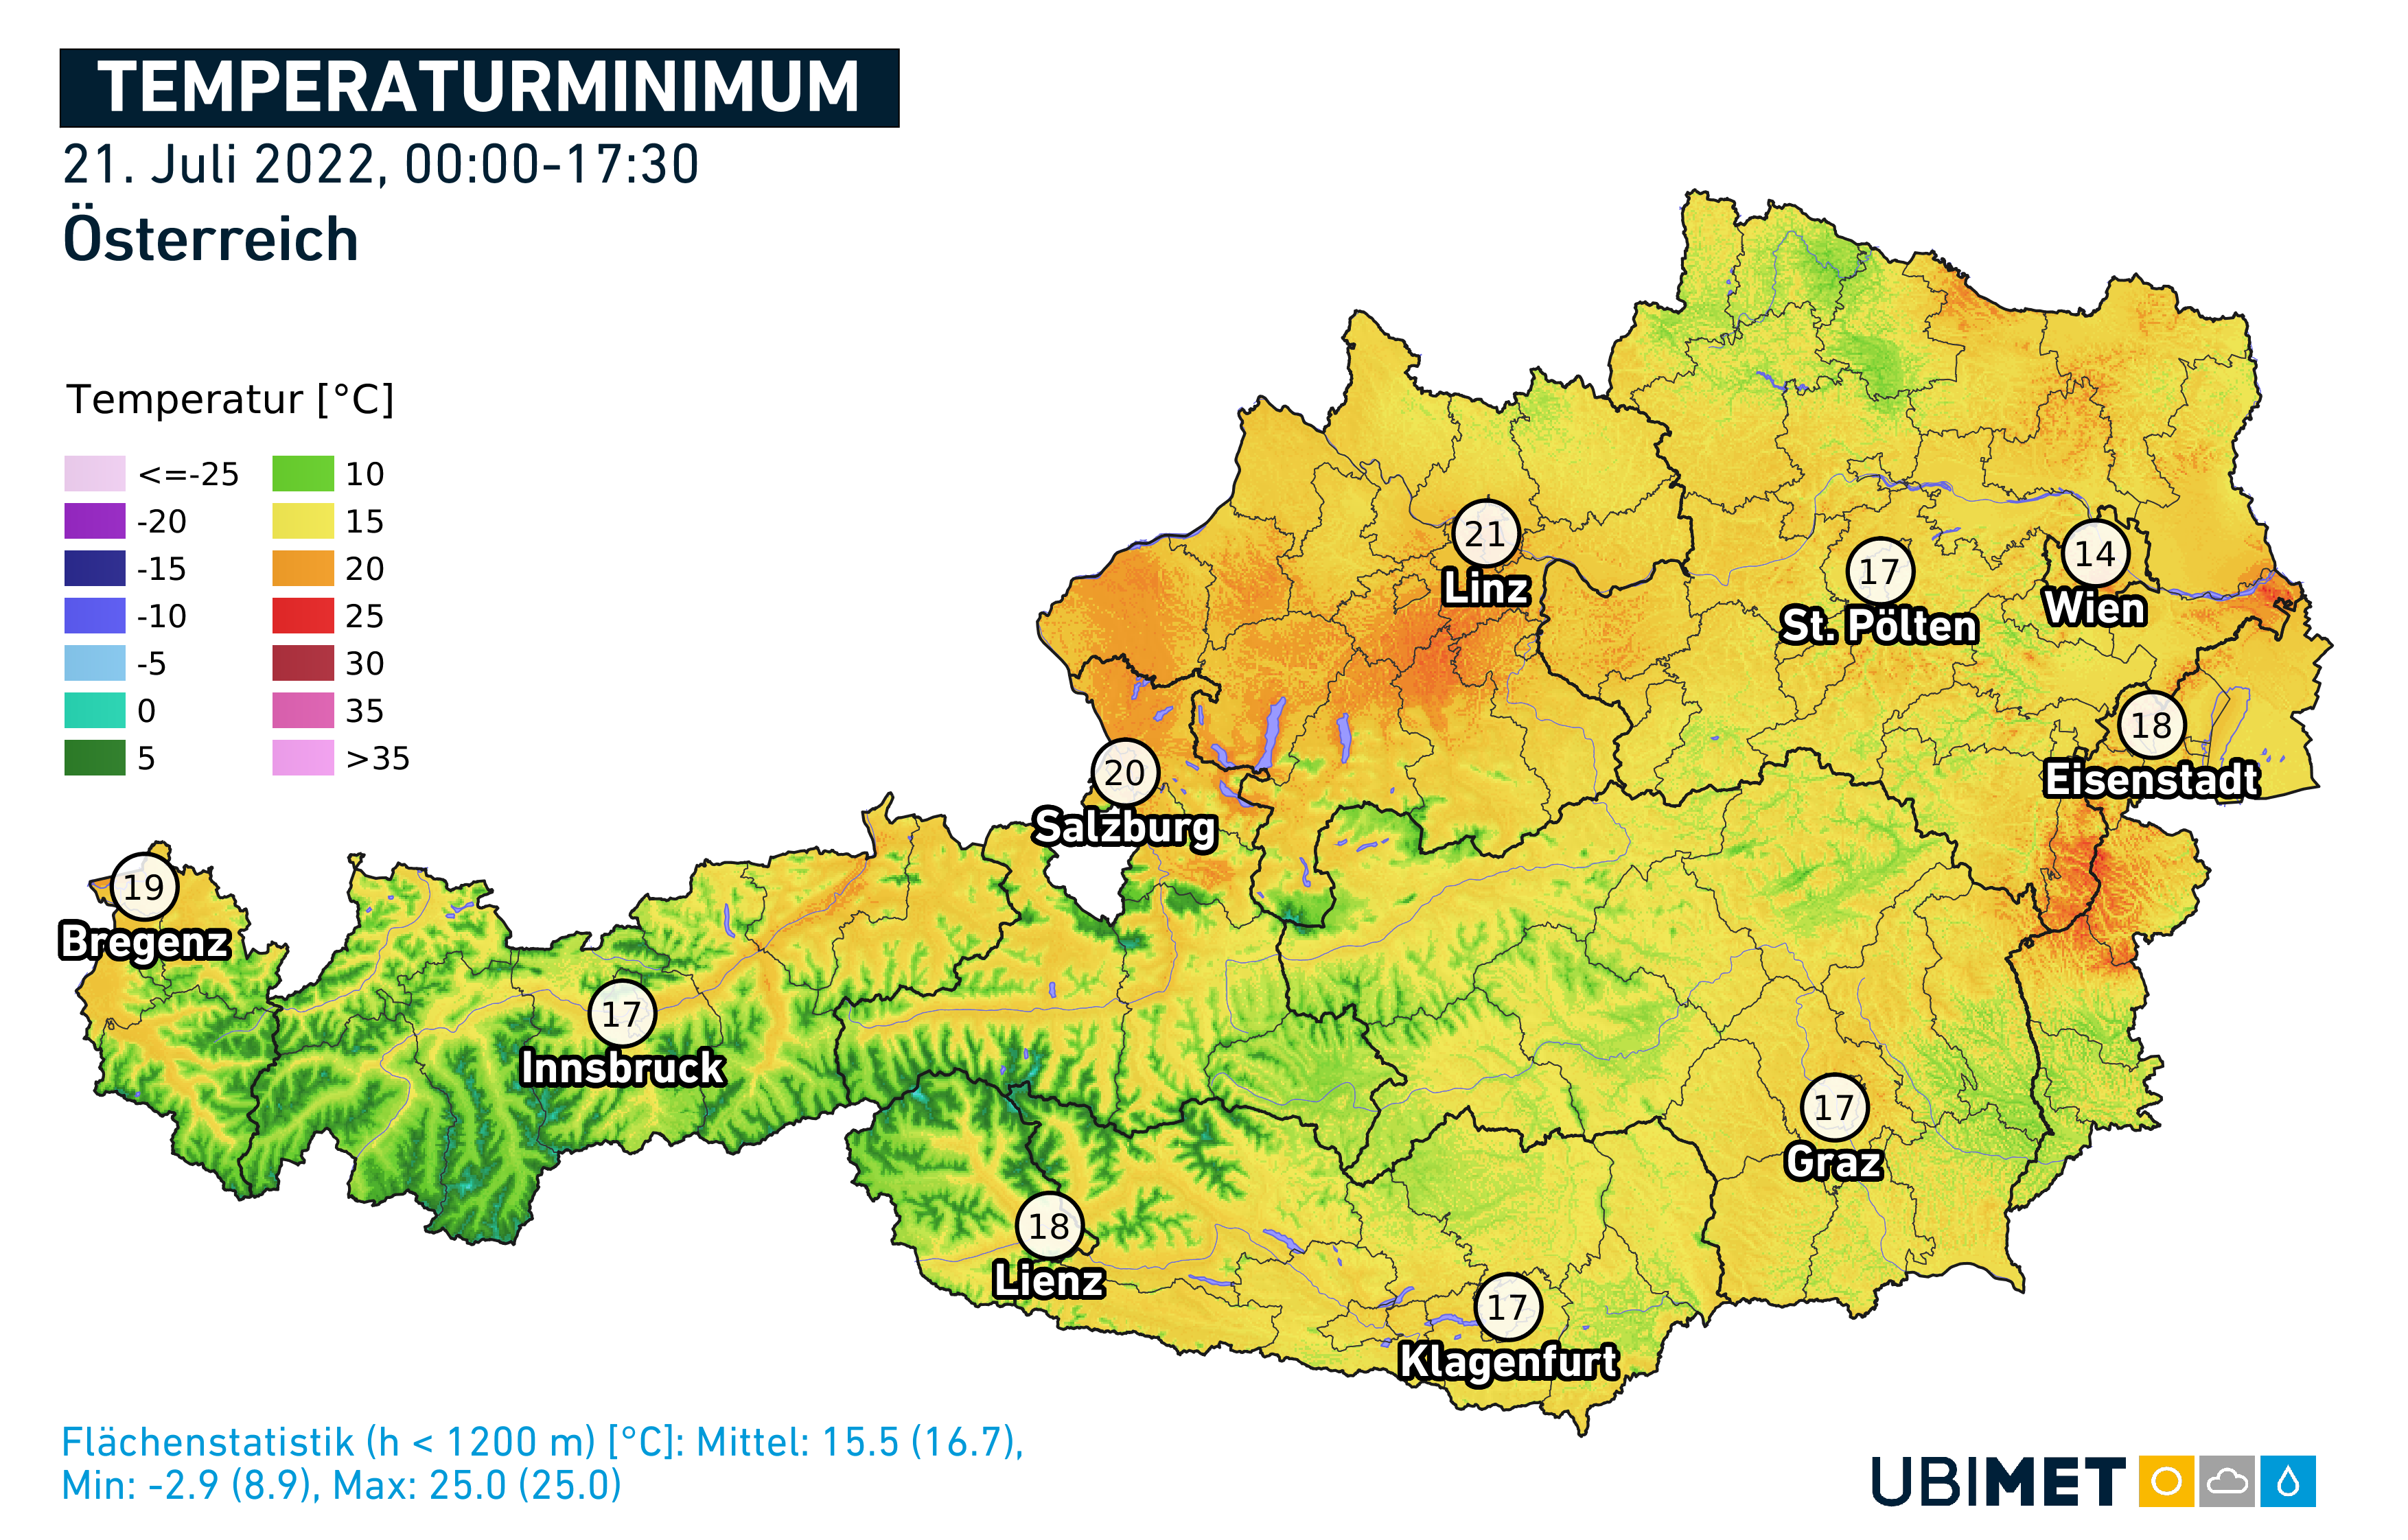 Temperaturminimum